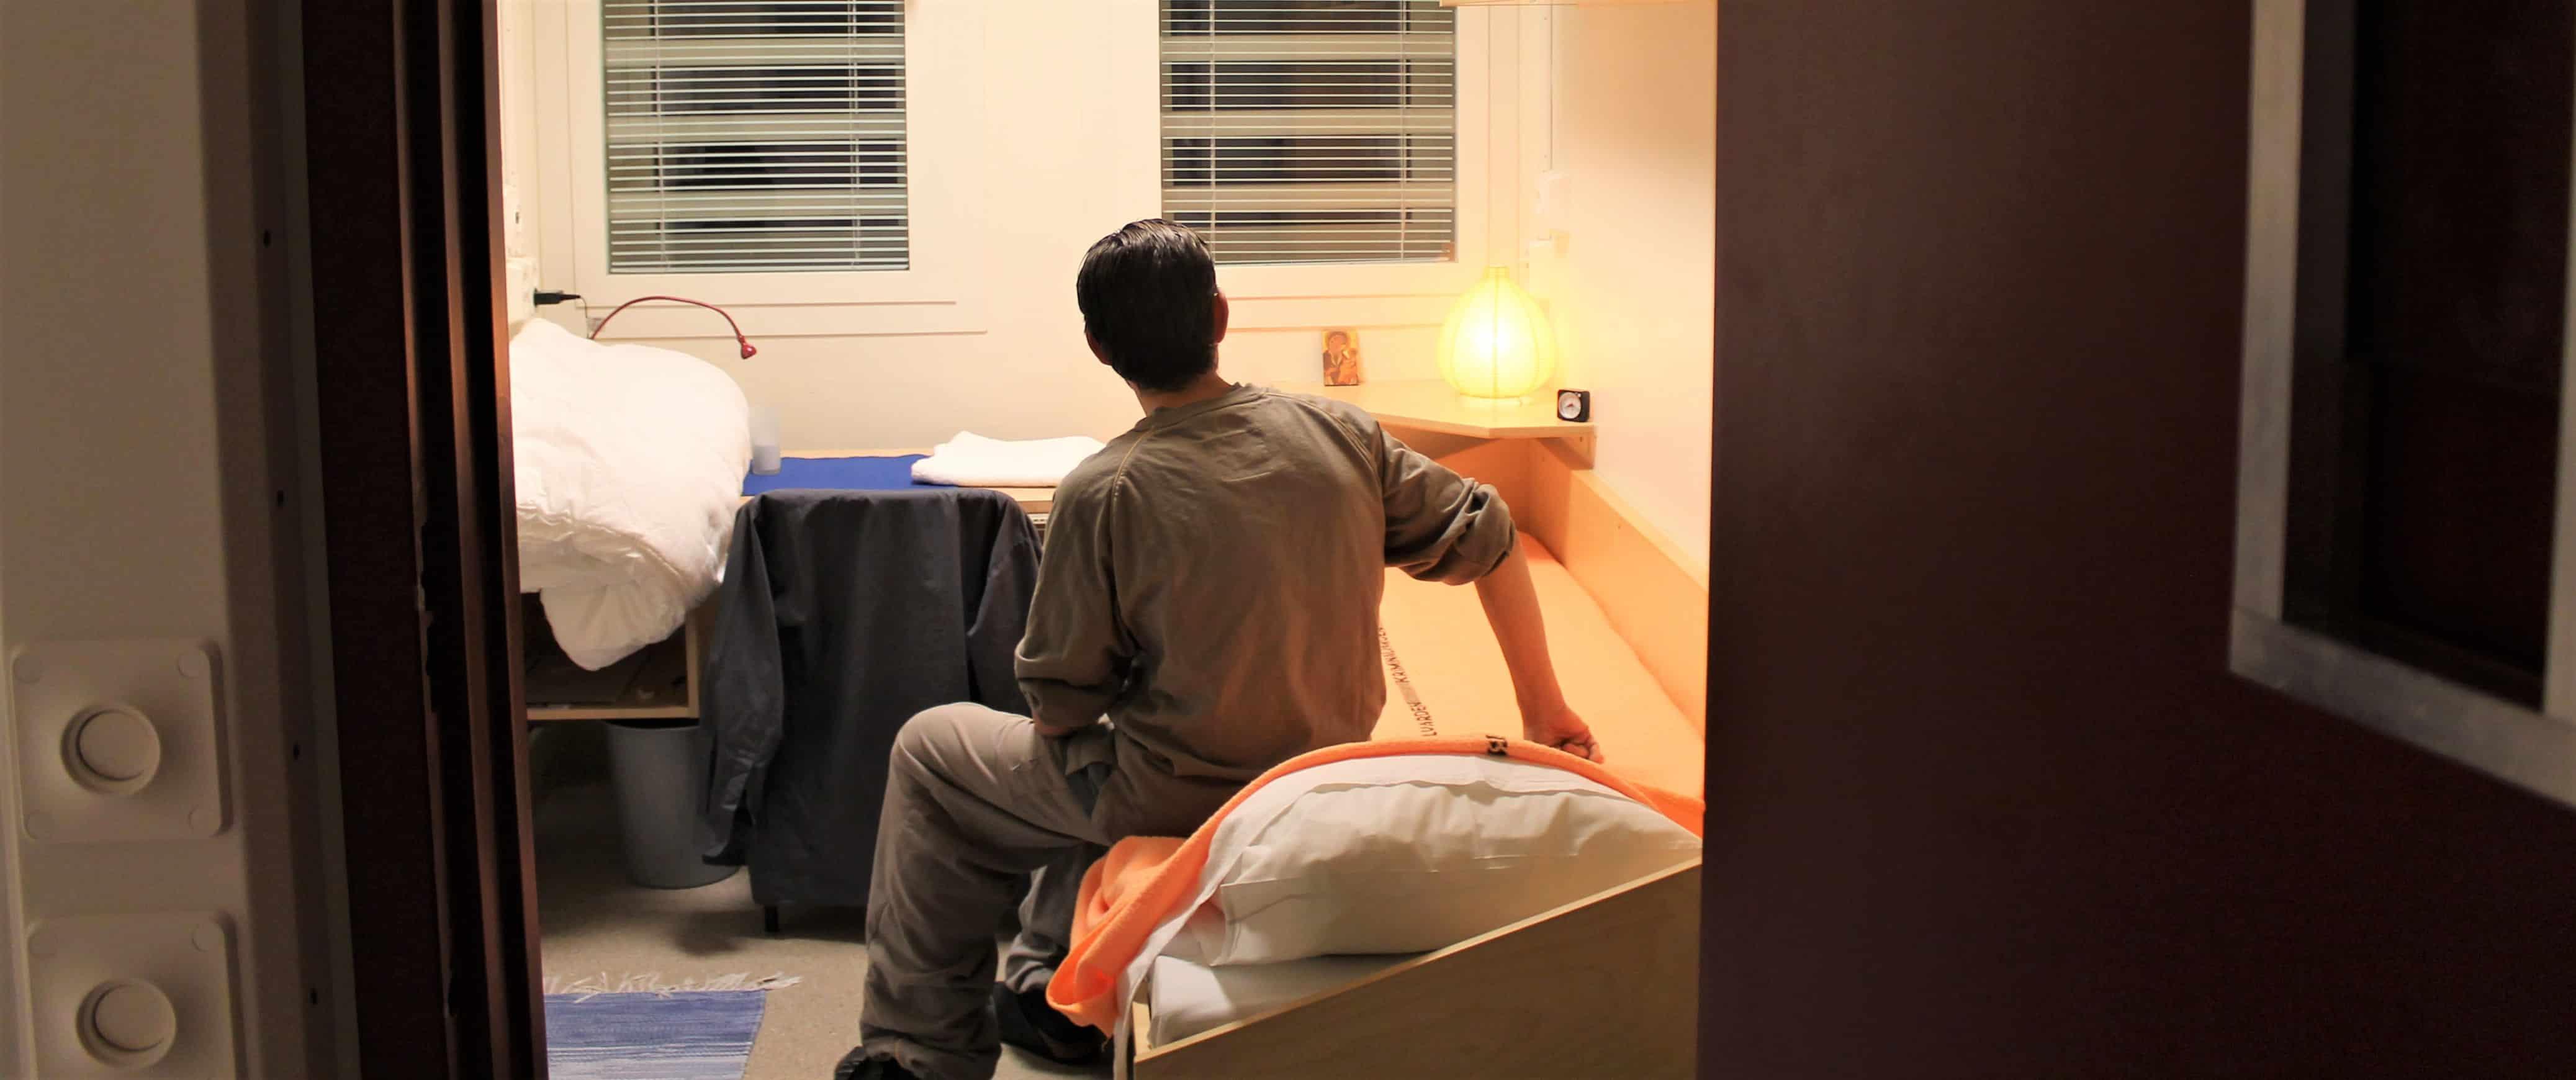 Muslimsk själavårdare inom Kriminalvården, Stockholm